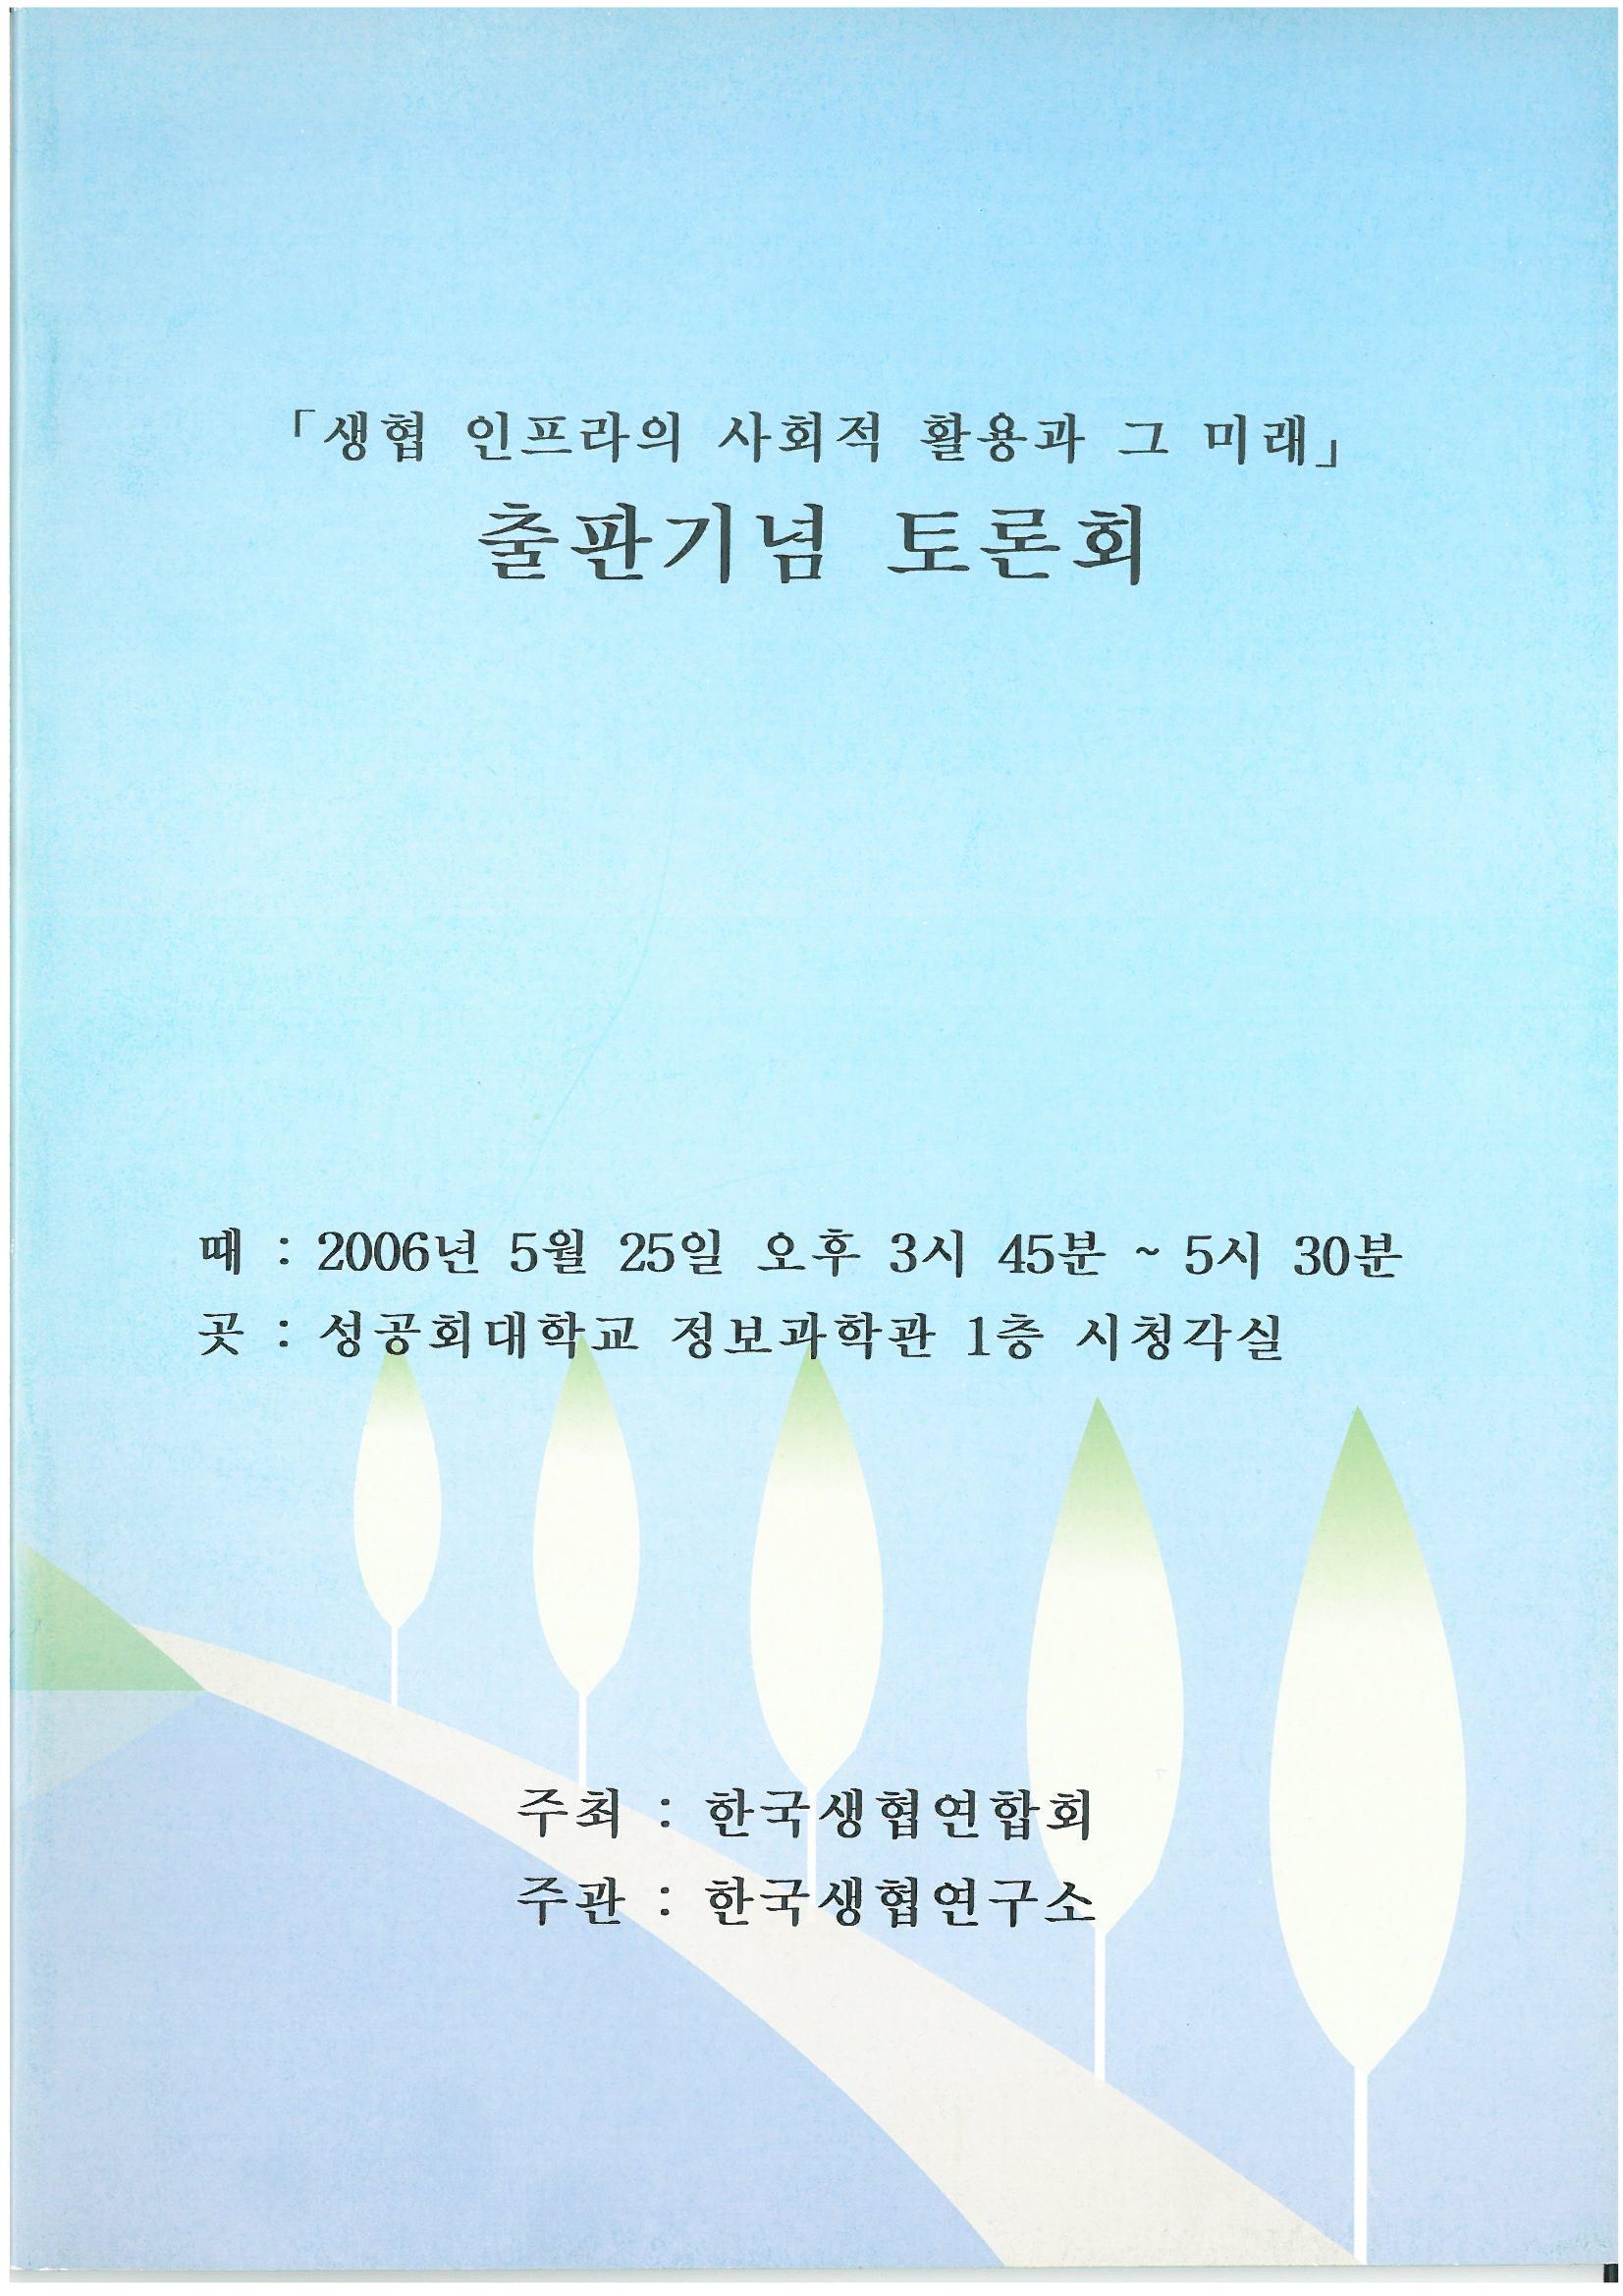 6_(출판기념 토론회 자료집) 『생협인프라의 사회적 활용과 그 미래』_표지.jpg